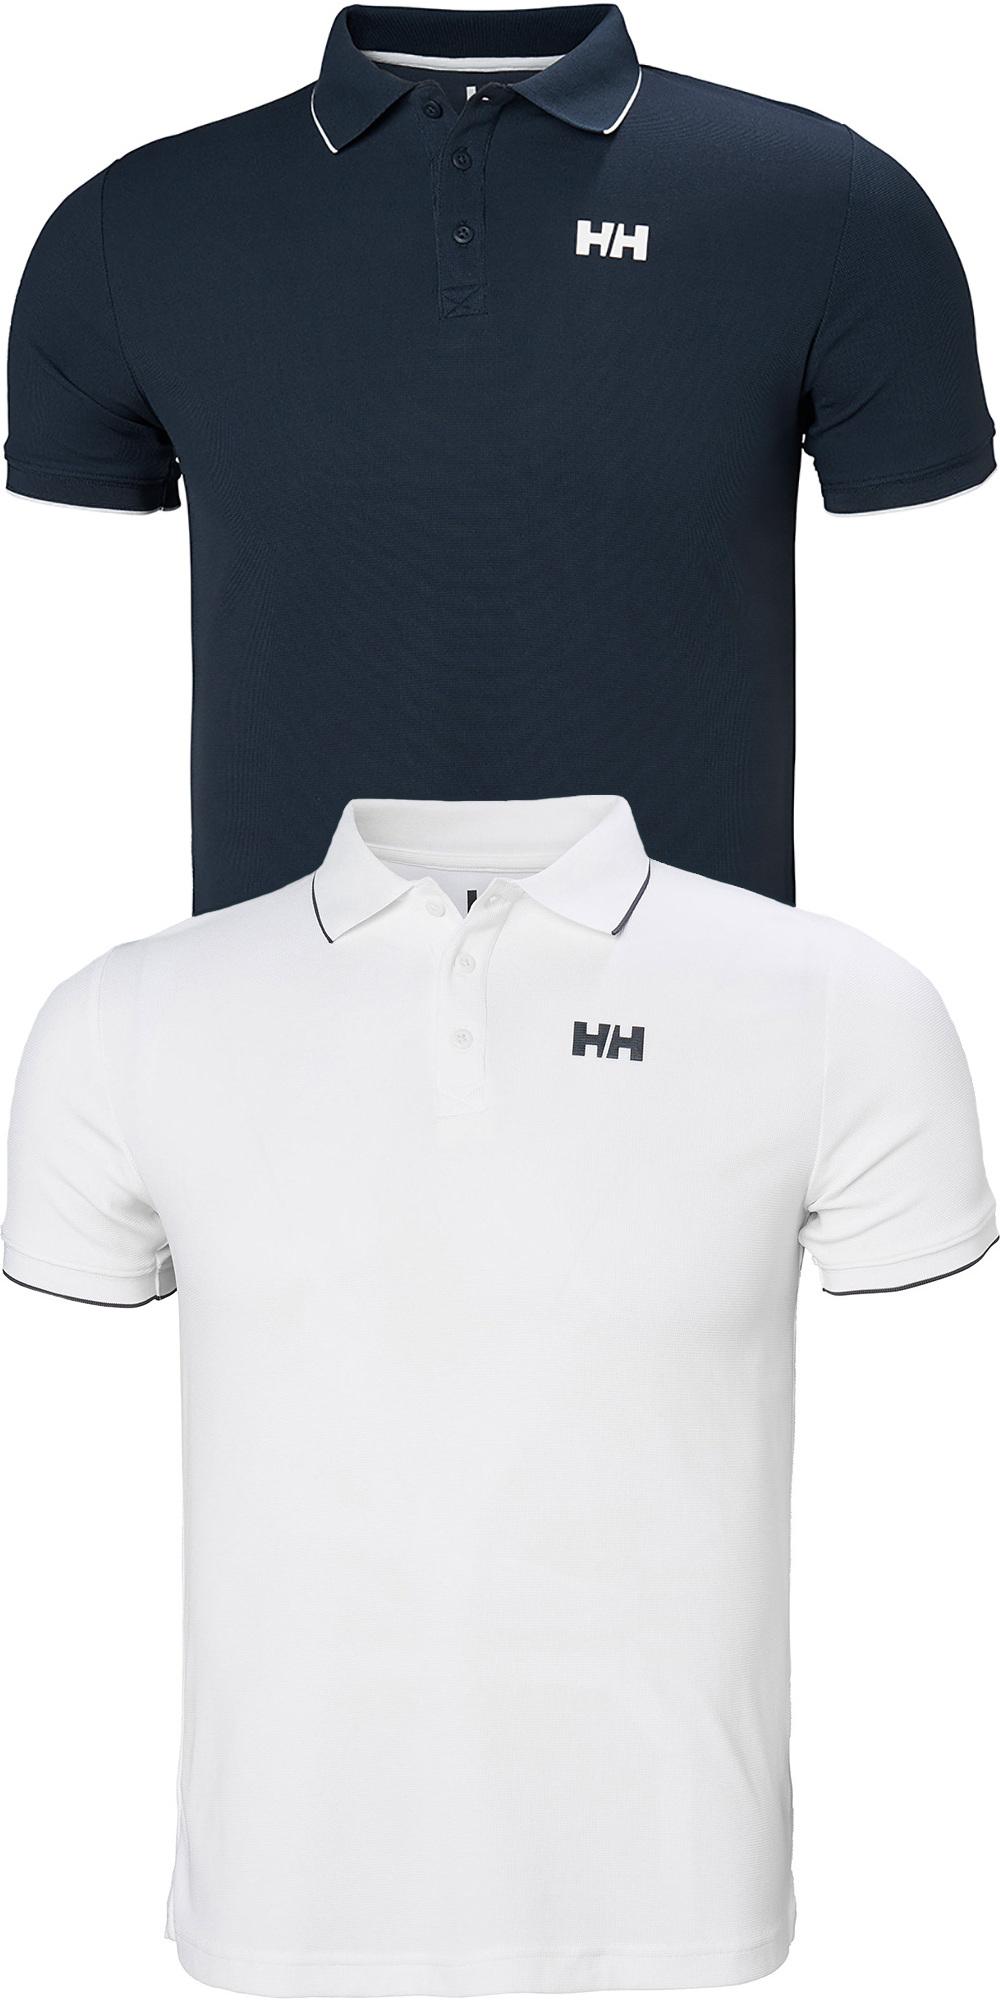 rencontrer 77a37 de560 Helly Hansen De 2 Polos Kos Pour Hommes Helly Hansen - Blanc Et Navy